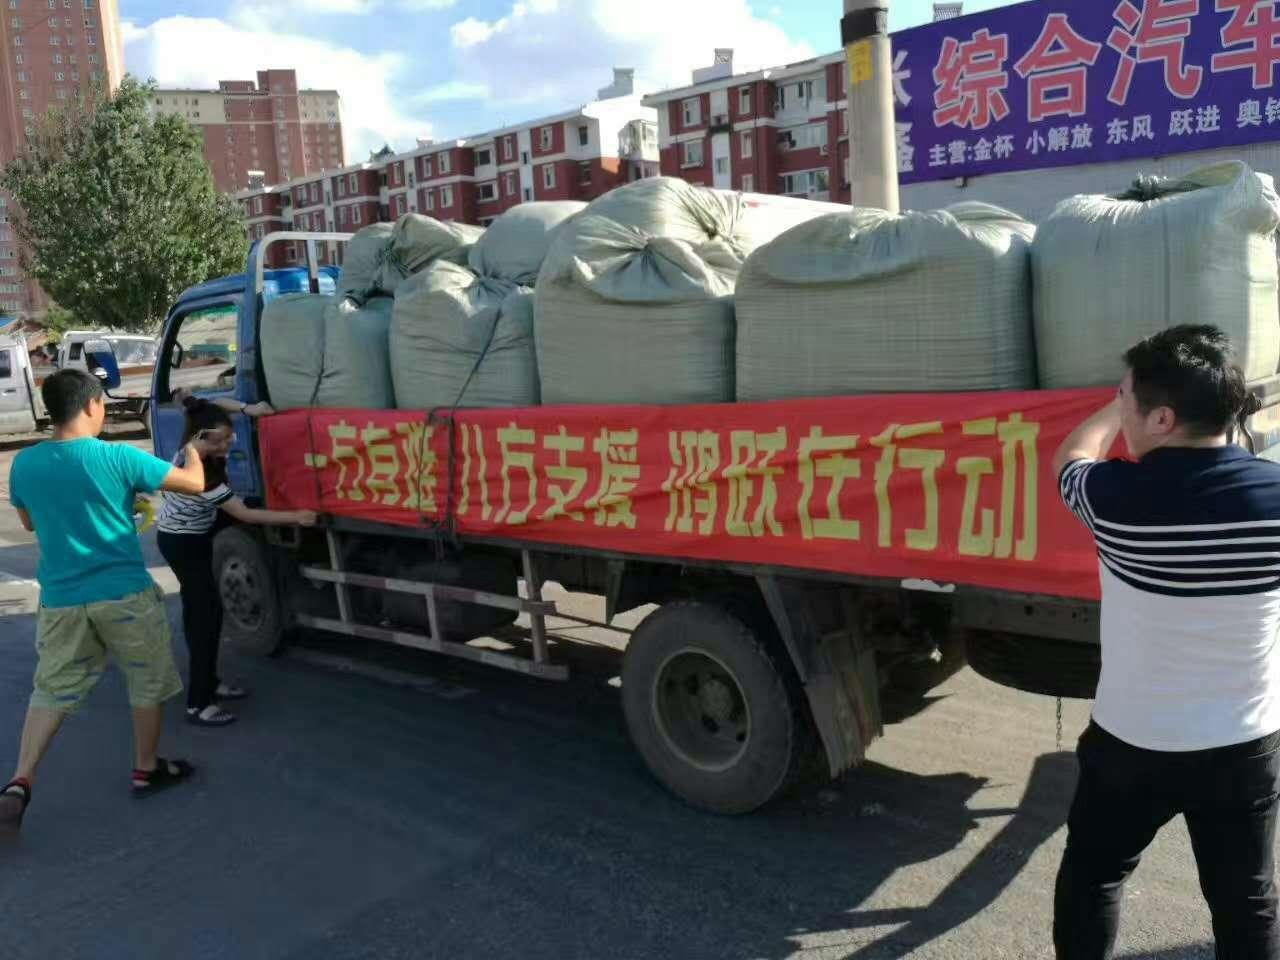 吉林省鸿跃国际人力资源开发公司携爱心物资慰问灾区群众